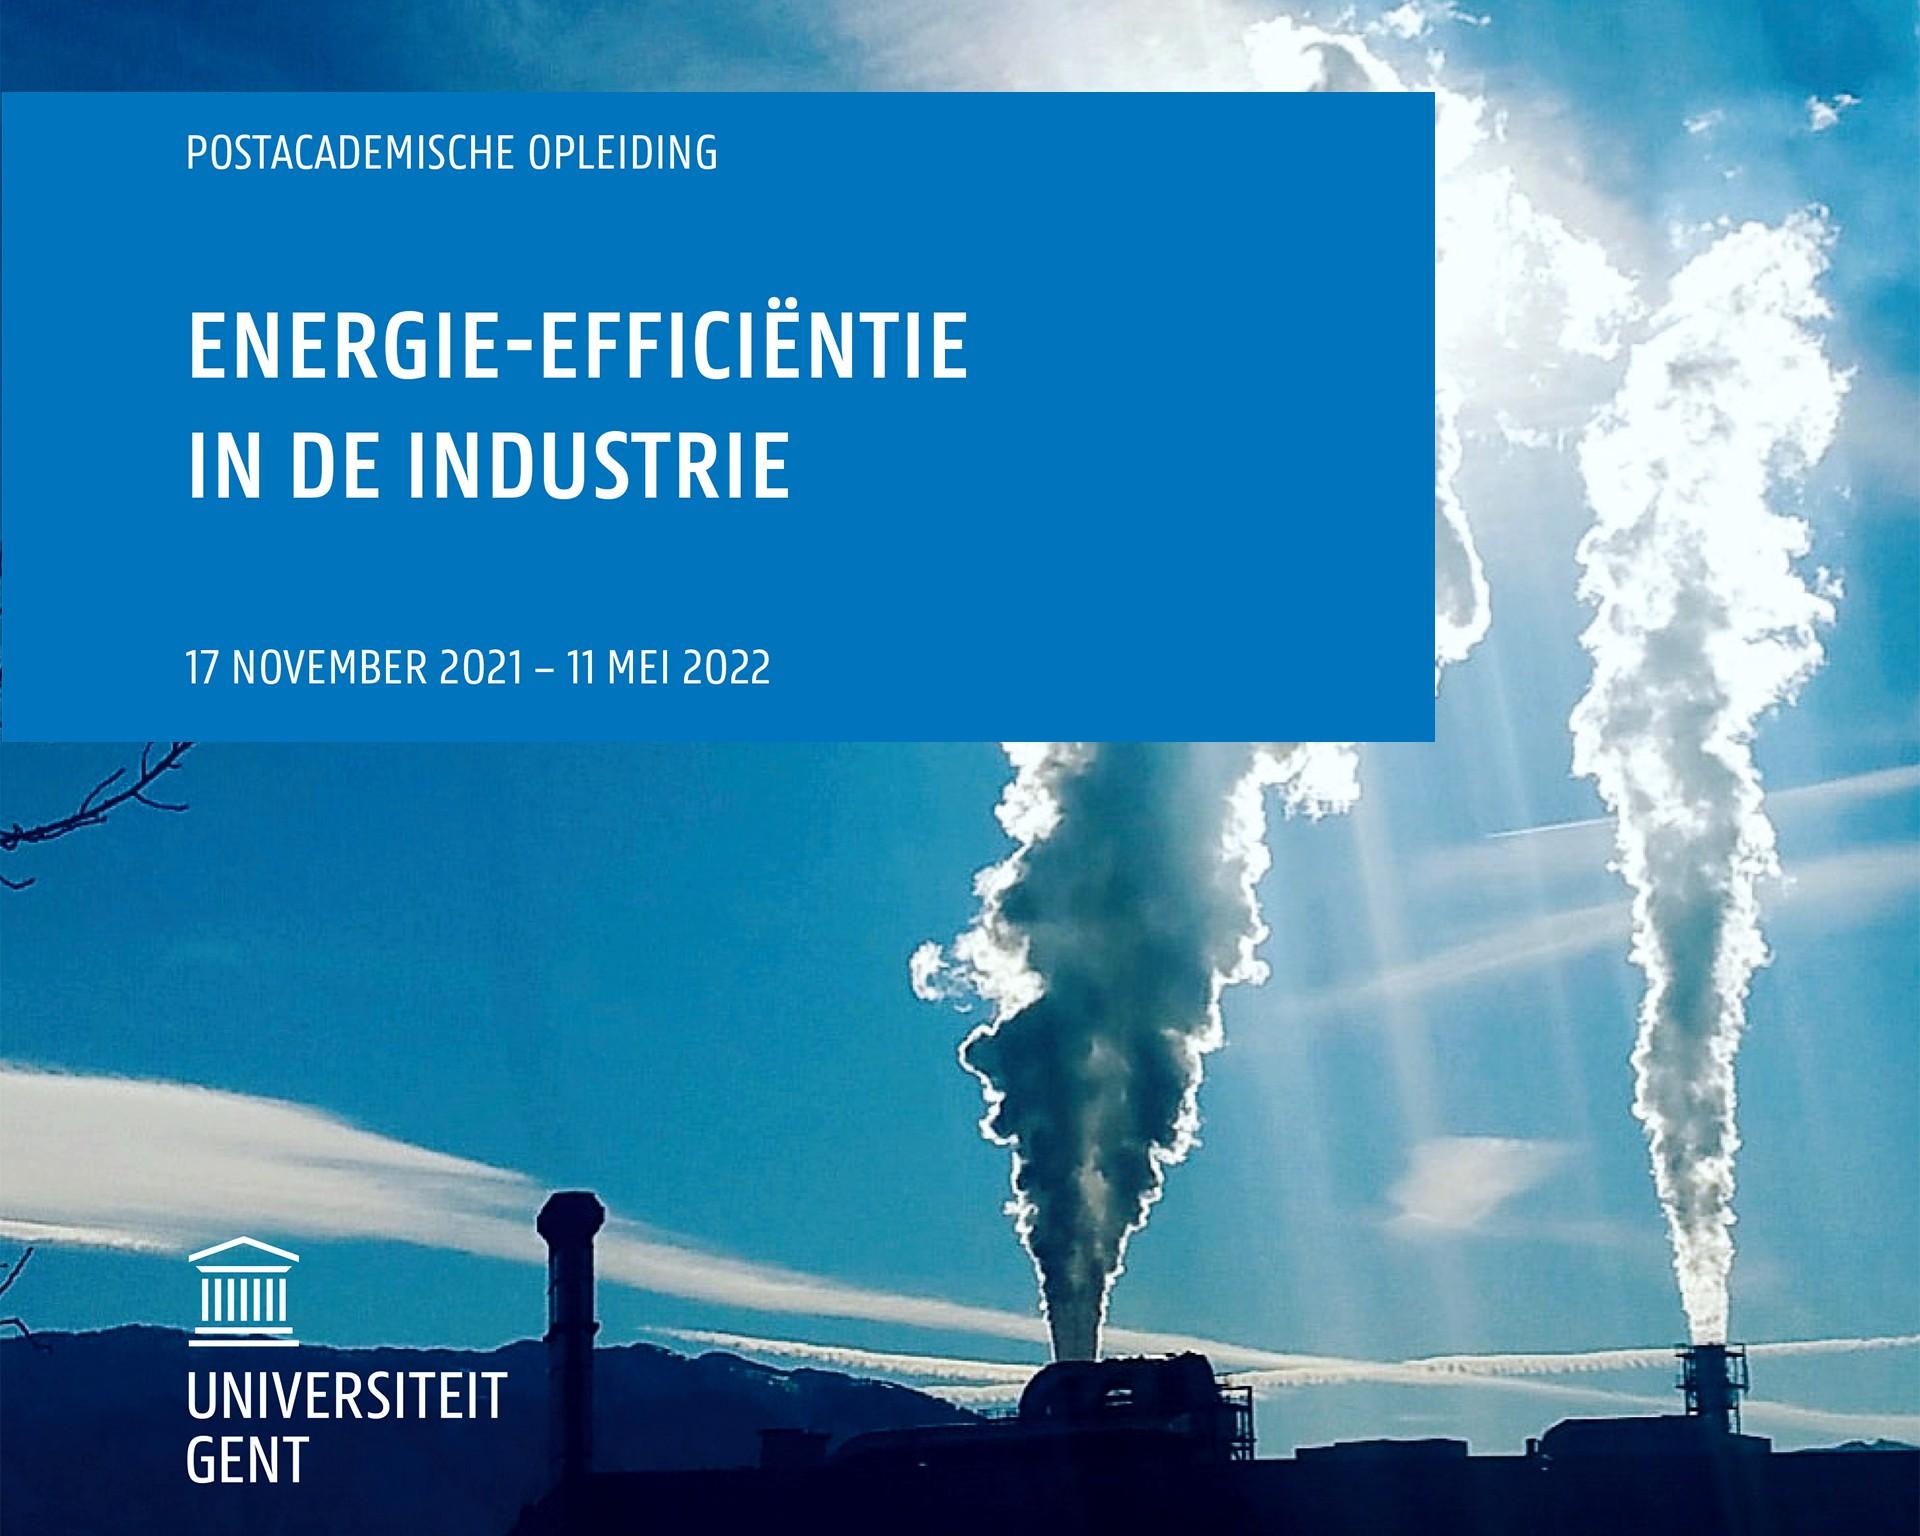 Energie-efficiëntie in de industrie